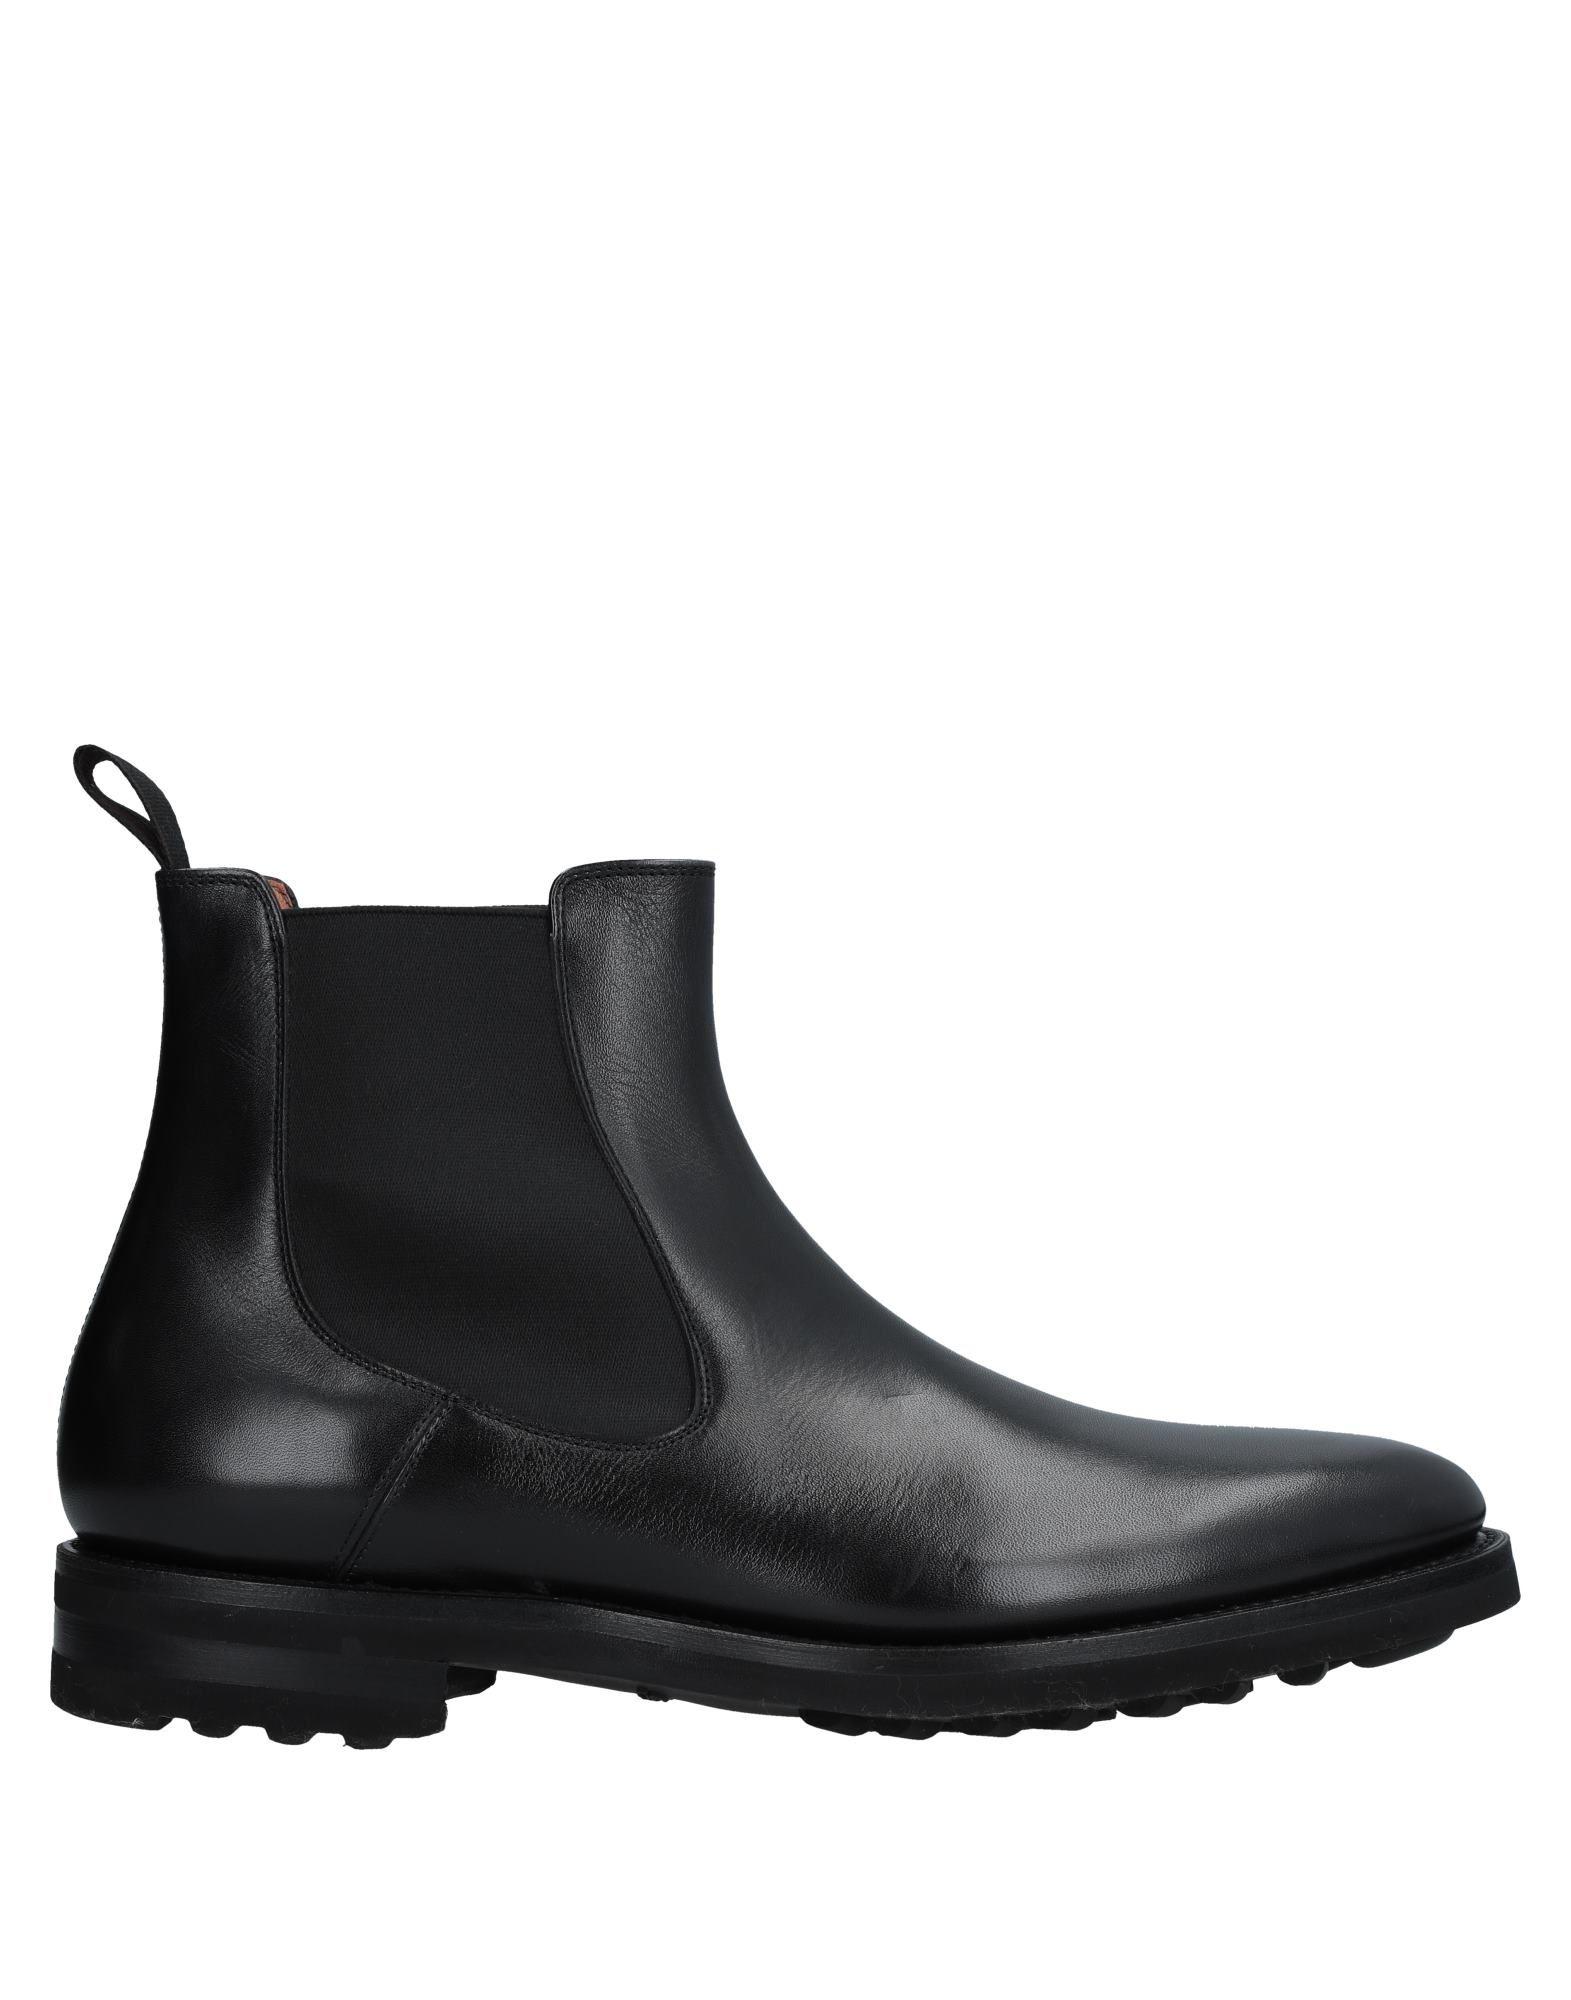 Santoni Stiefelette Qualität Herren  11540118PV Gute Qualität Stiefelette beliebte Schuhe 817f70